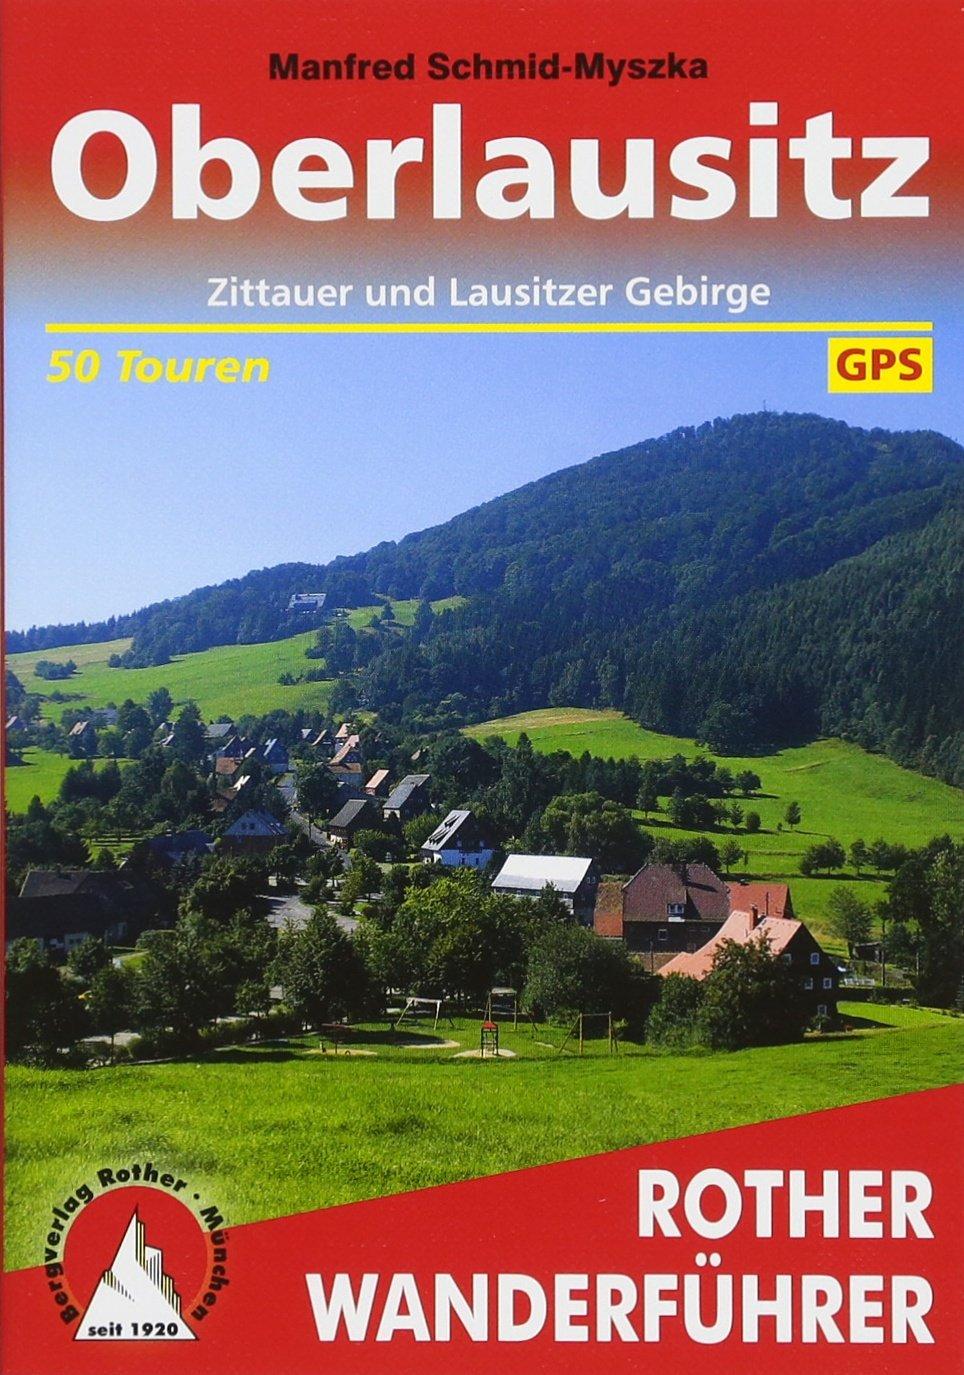 oberlausitz-zittauer-und-lausitzer-gebirge-50-touren-mit-gps-tracks-rother-wanderfhrer